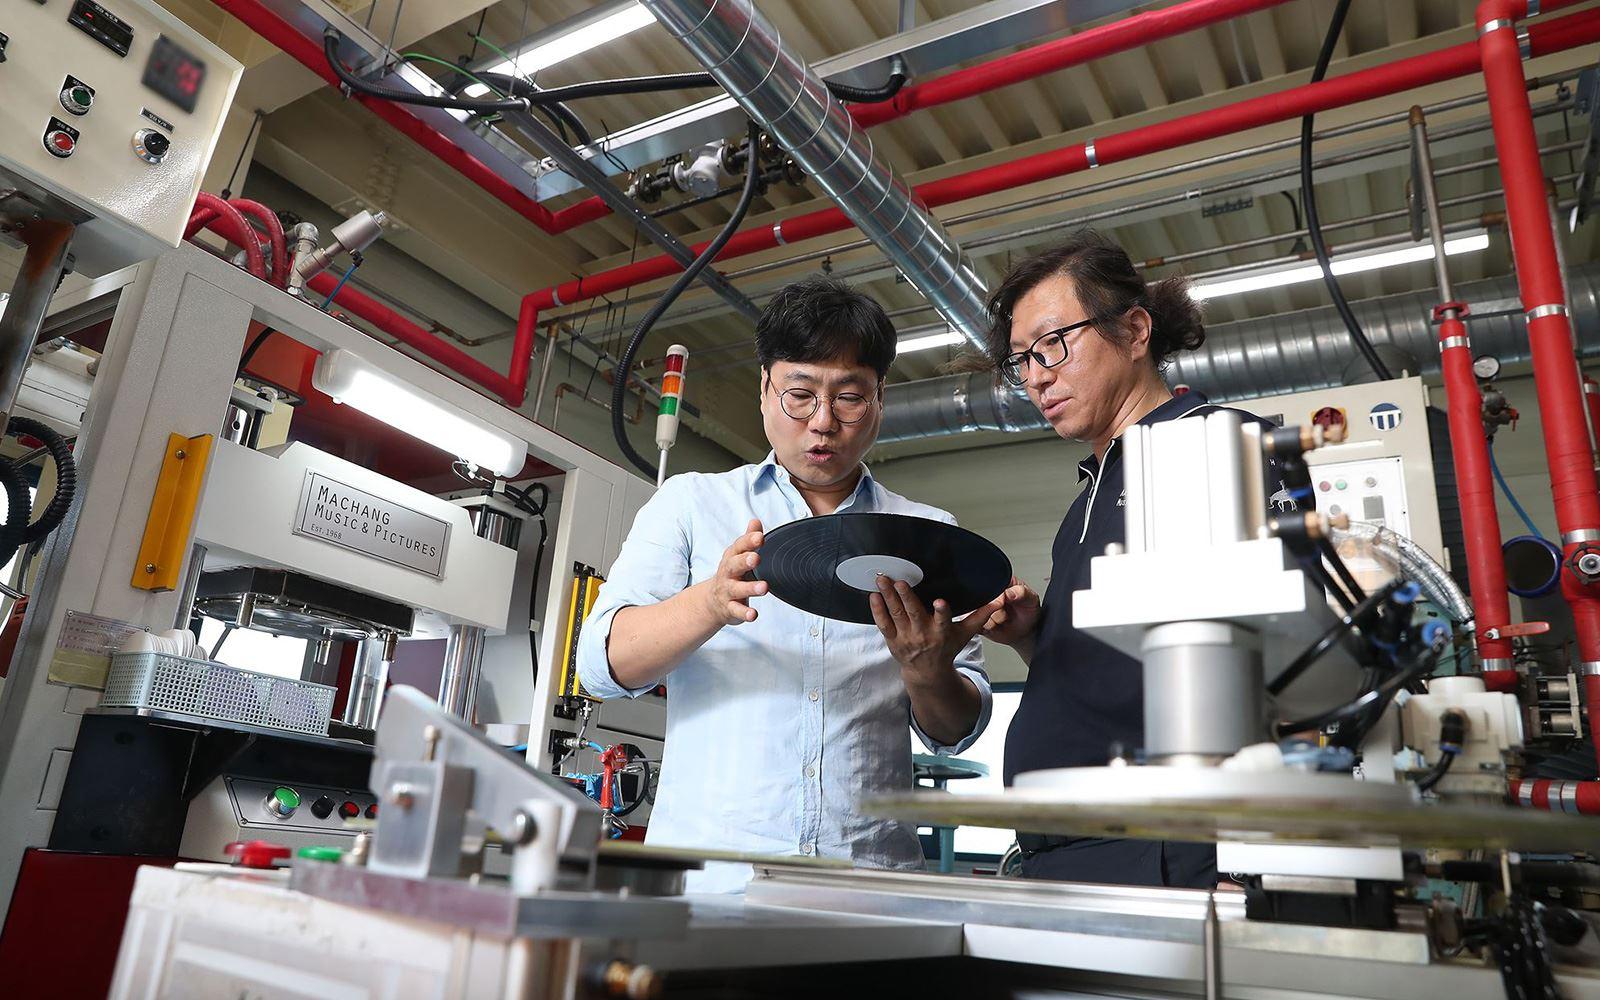 2004년 국내에서 사라졌던 레코드(LP)판 공장을 최근 되살린 바이닐팩토리 하종욱(왼쪽) 대표.